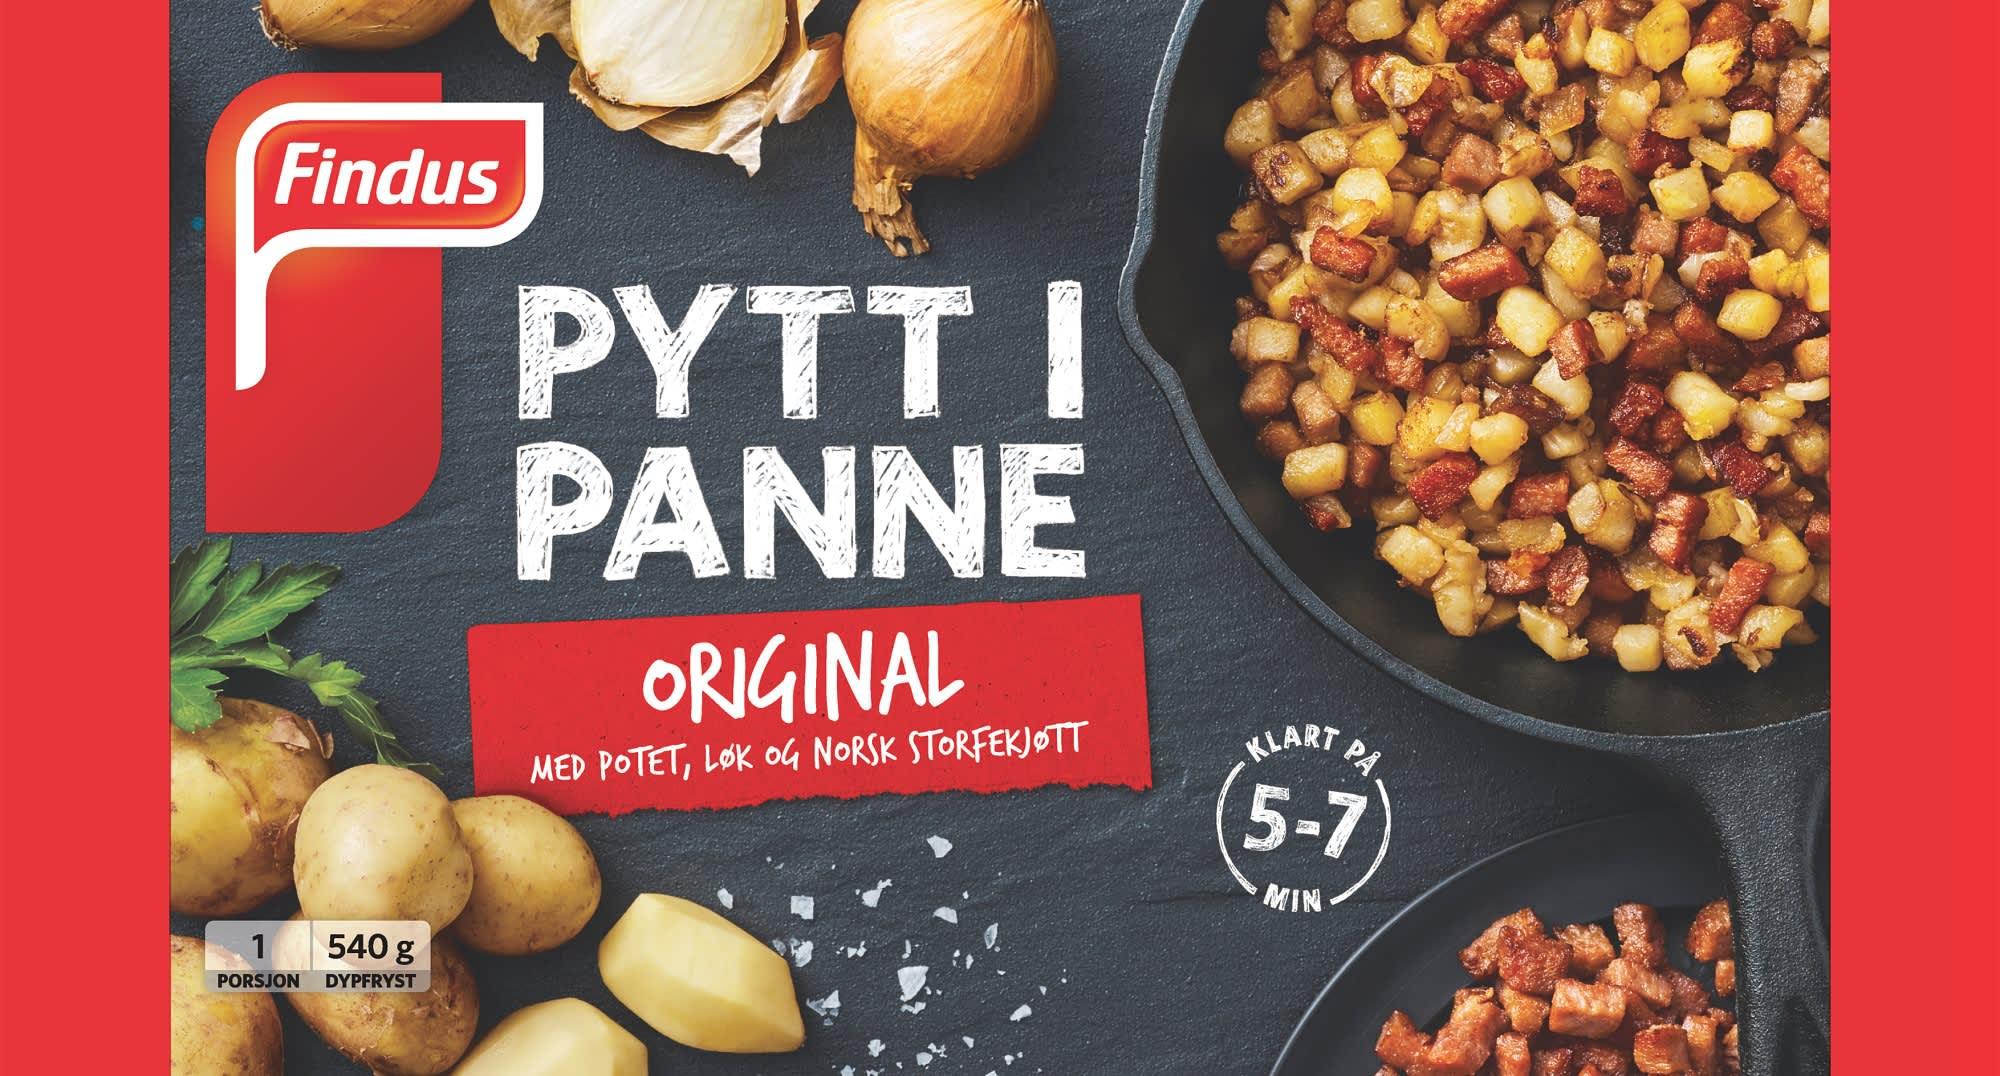 ytt i Panne original passer alene, men fungerer også utmerket som en base for å blande inn det du måtte ha av rester av kjøtt, egg urter eller grønnsaker.